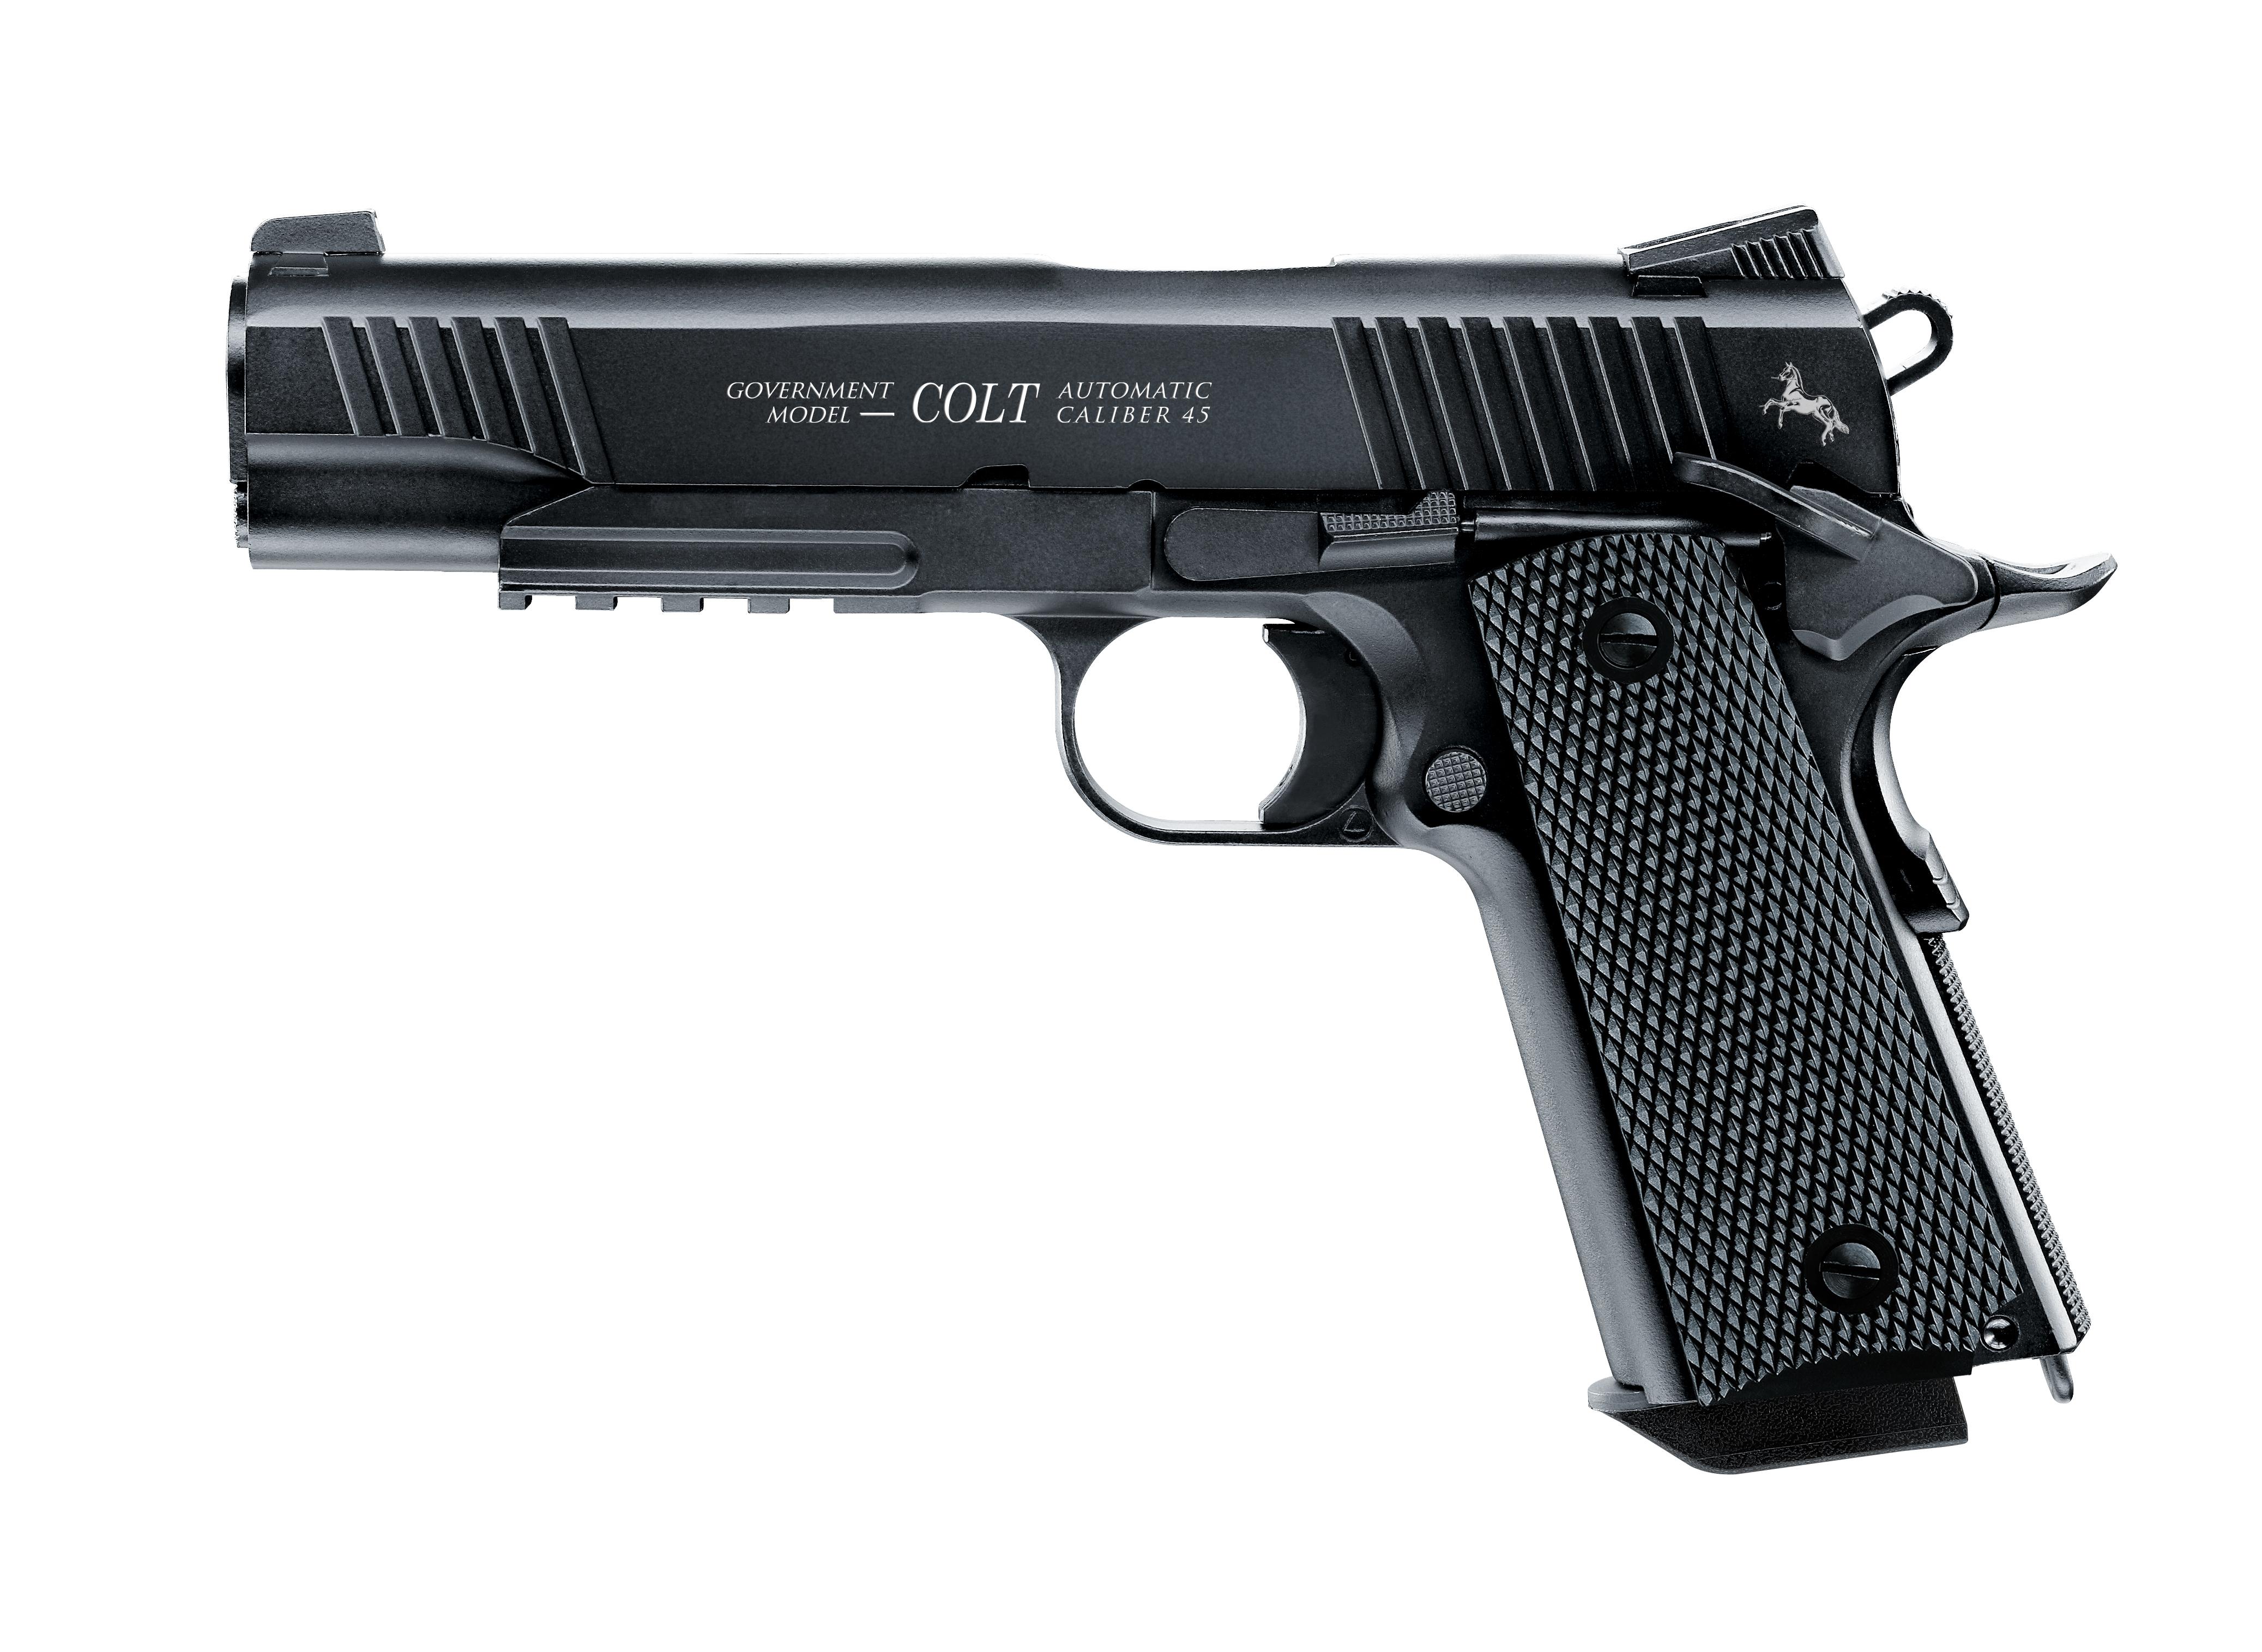 Colt Government M45 CQB schwarz CO2 Pistole